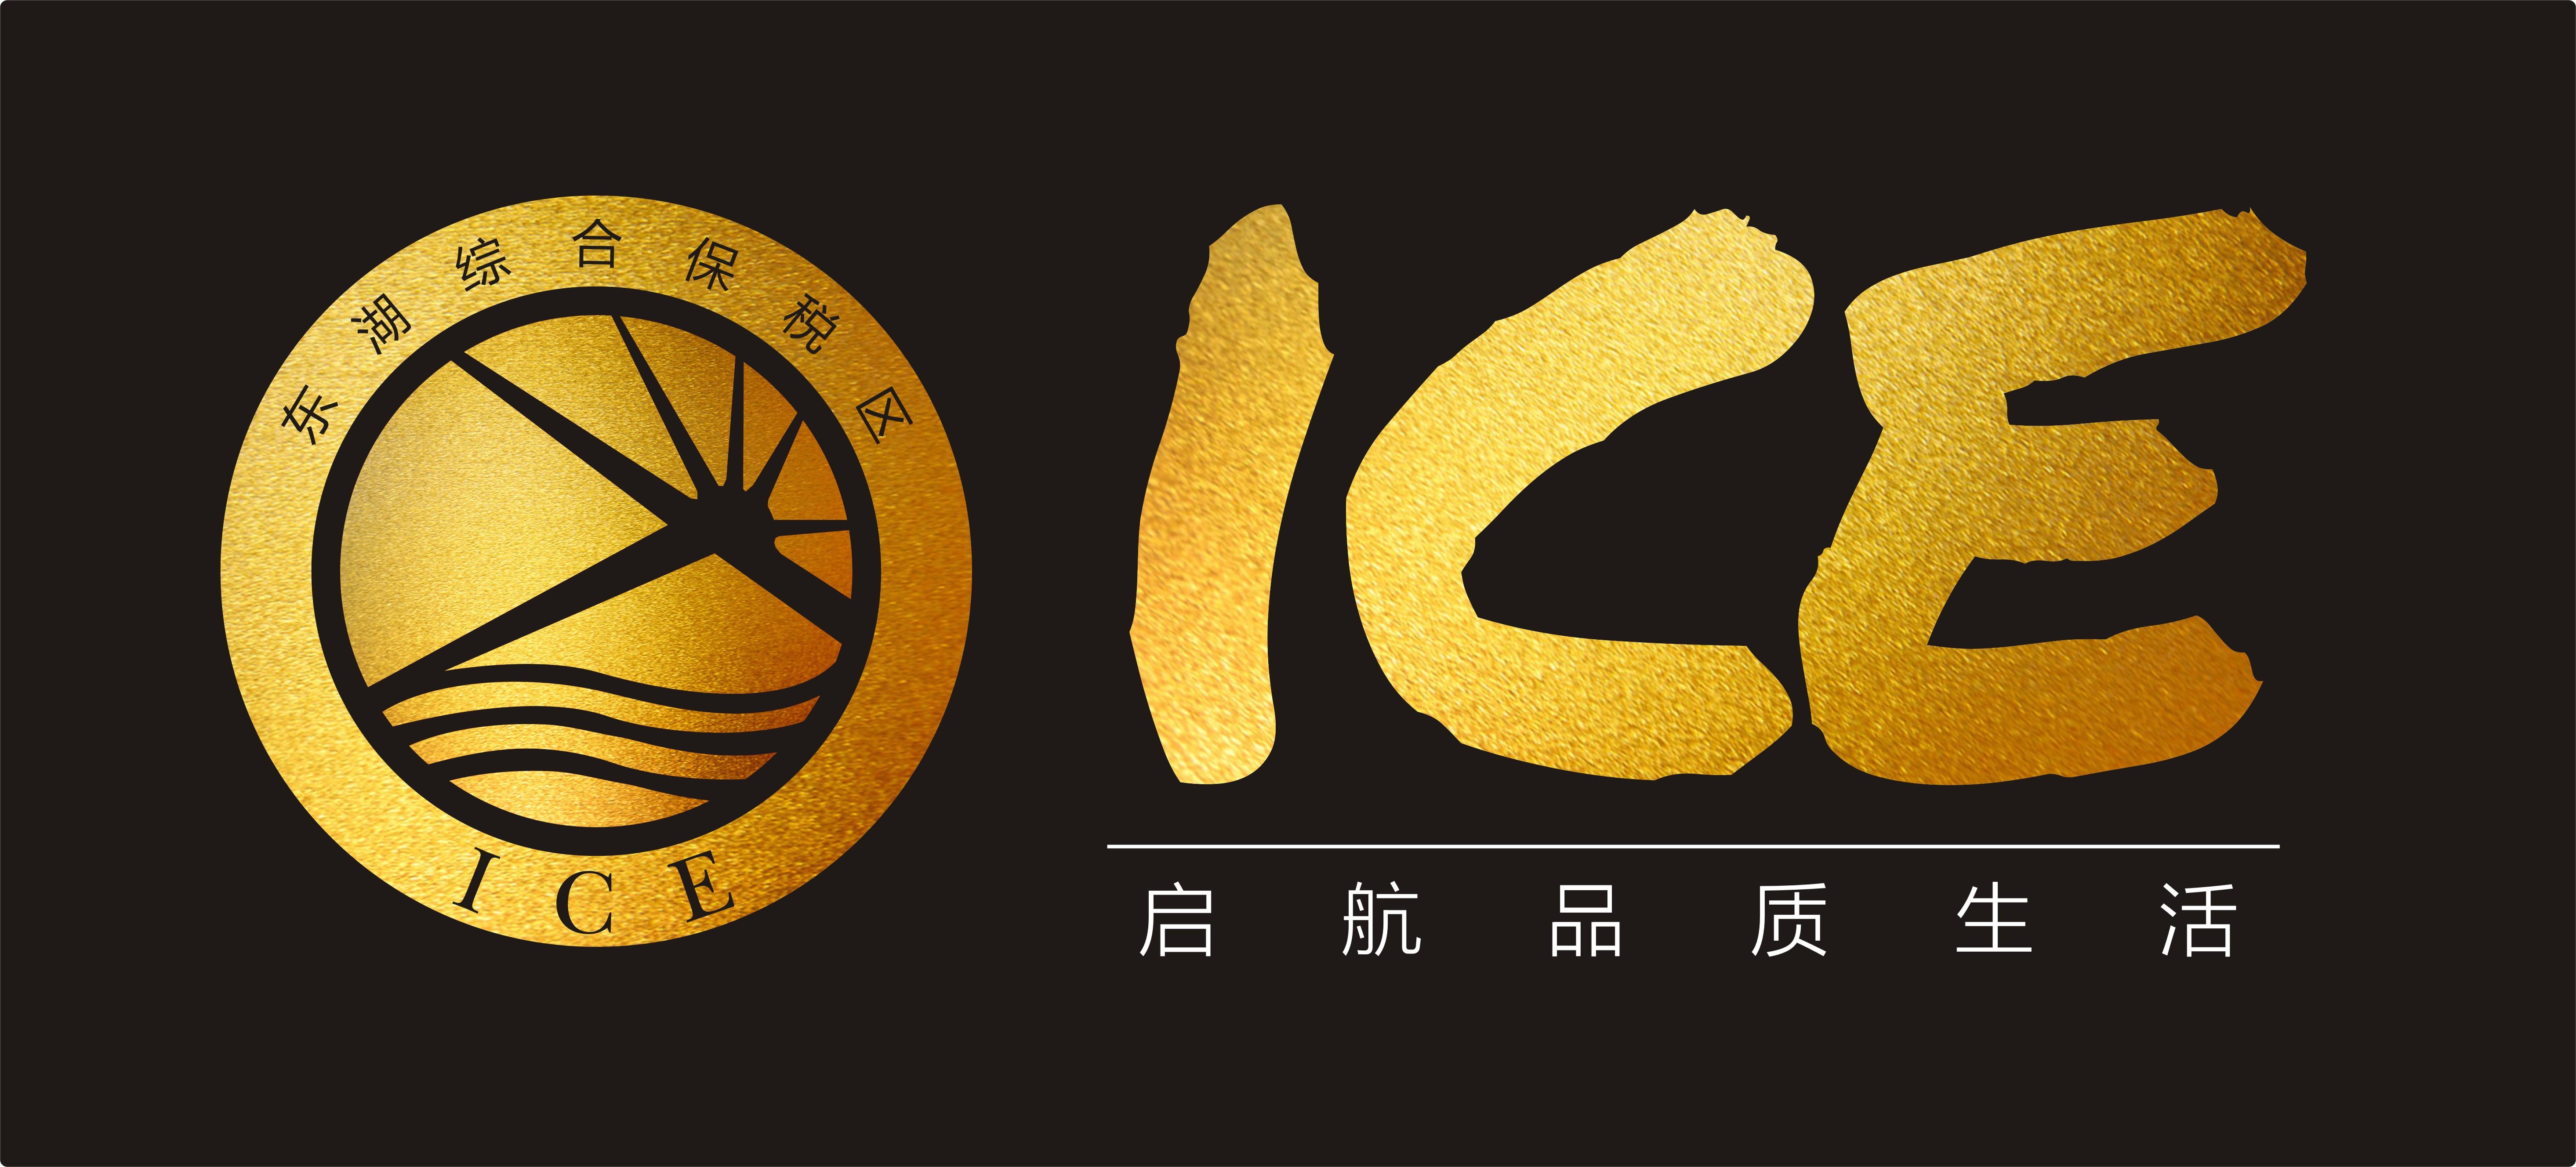 东湖保税展示交易中心(ICE)